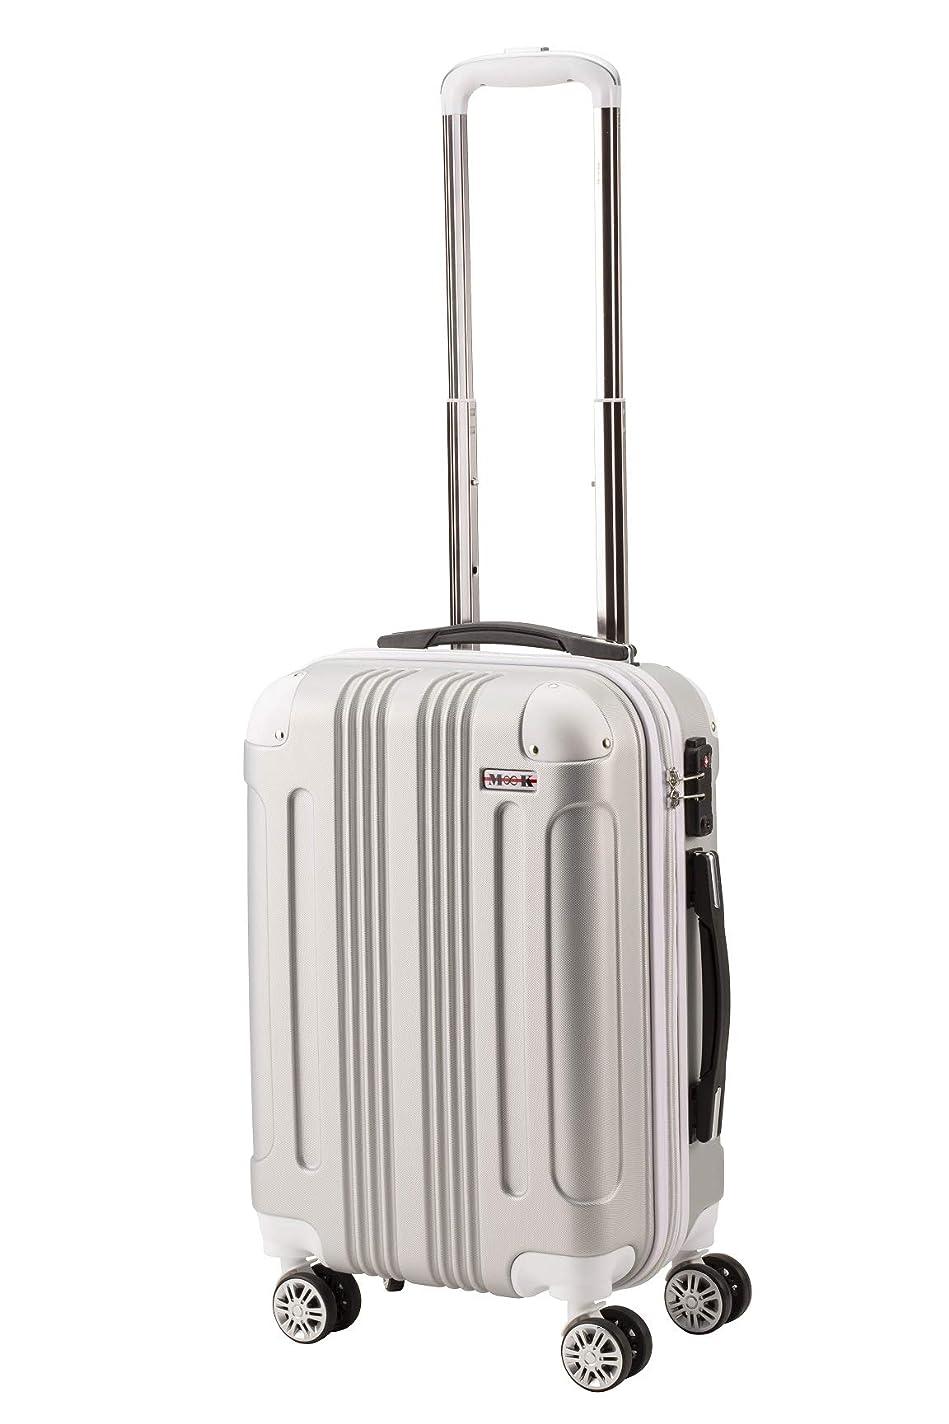 引き出し唇嘆くLNMLAN マット加工 アルミニウムマグネシウム合金フレーム スーツケース 機内持ち込みスーツケース トラベルバッグ キャリーバッグ TSAロック 静音キャスター6016